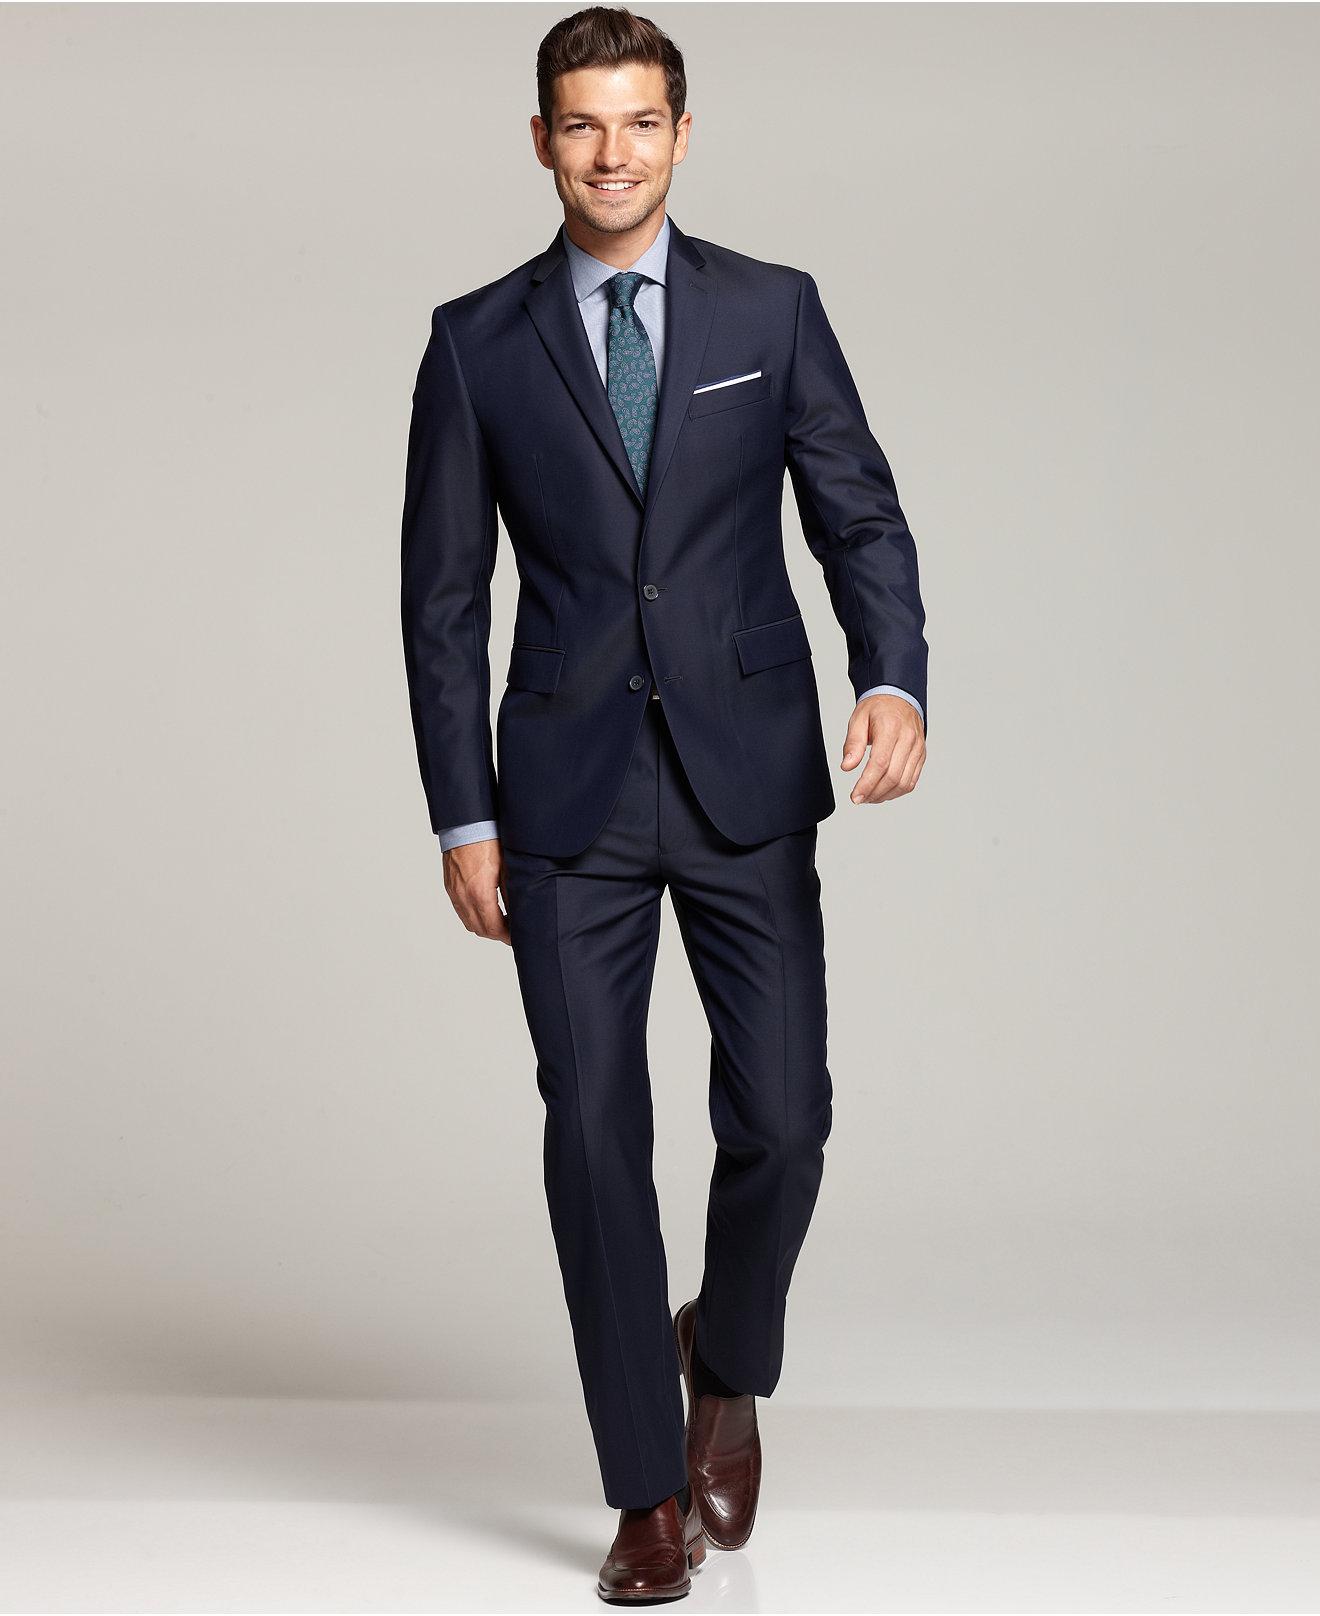 Mens Suits: Blue, Black, Gray - Mens Apparel - Macy's